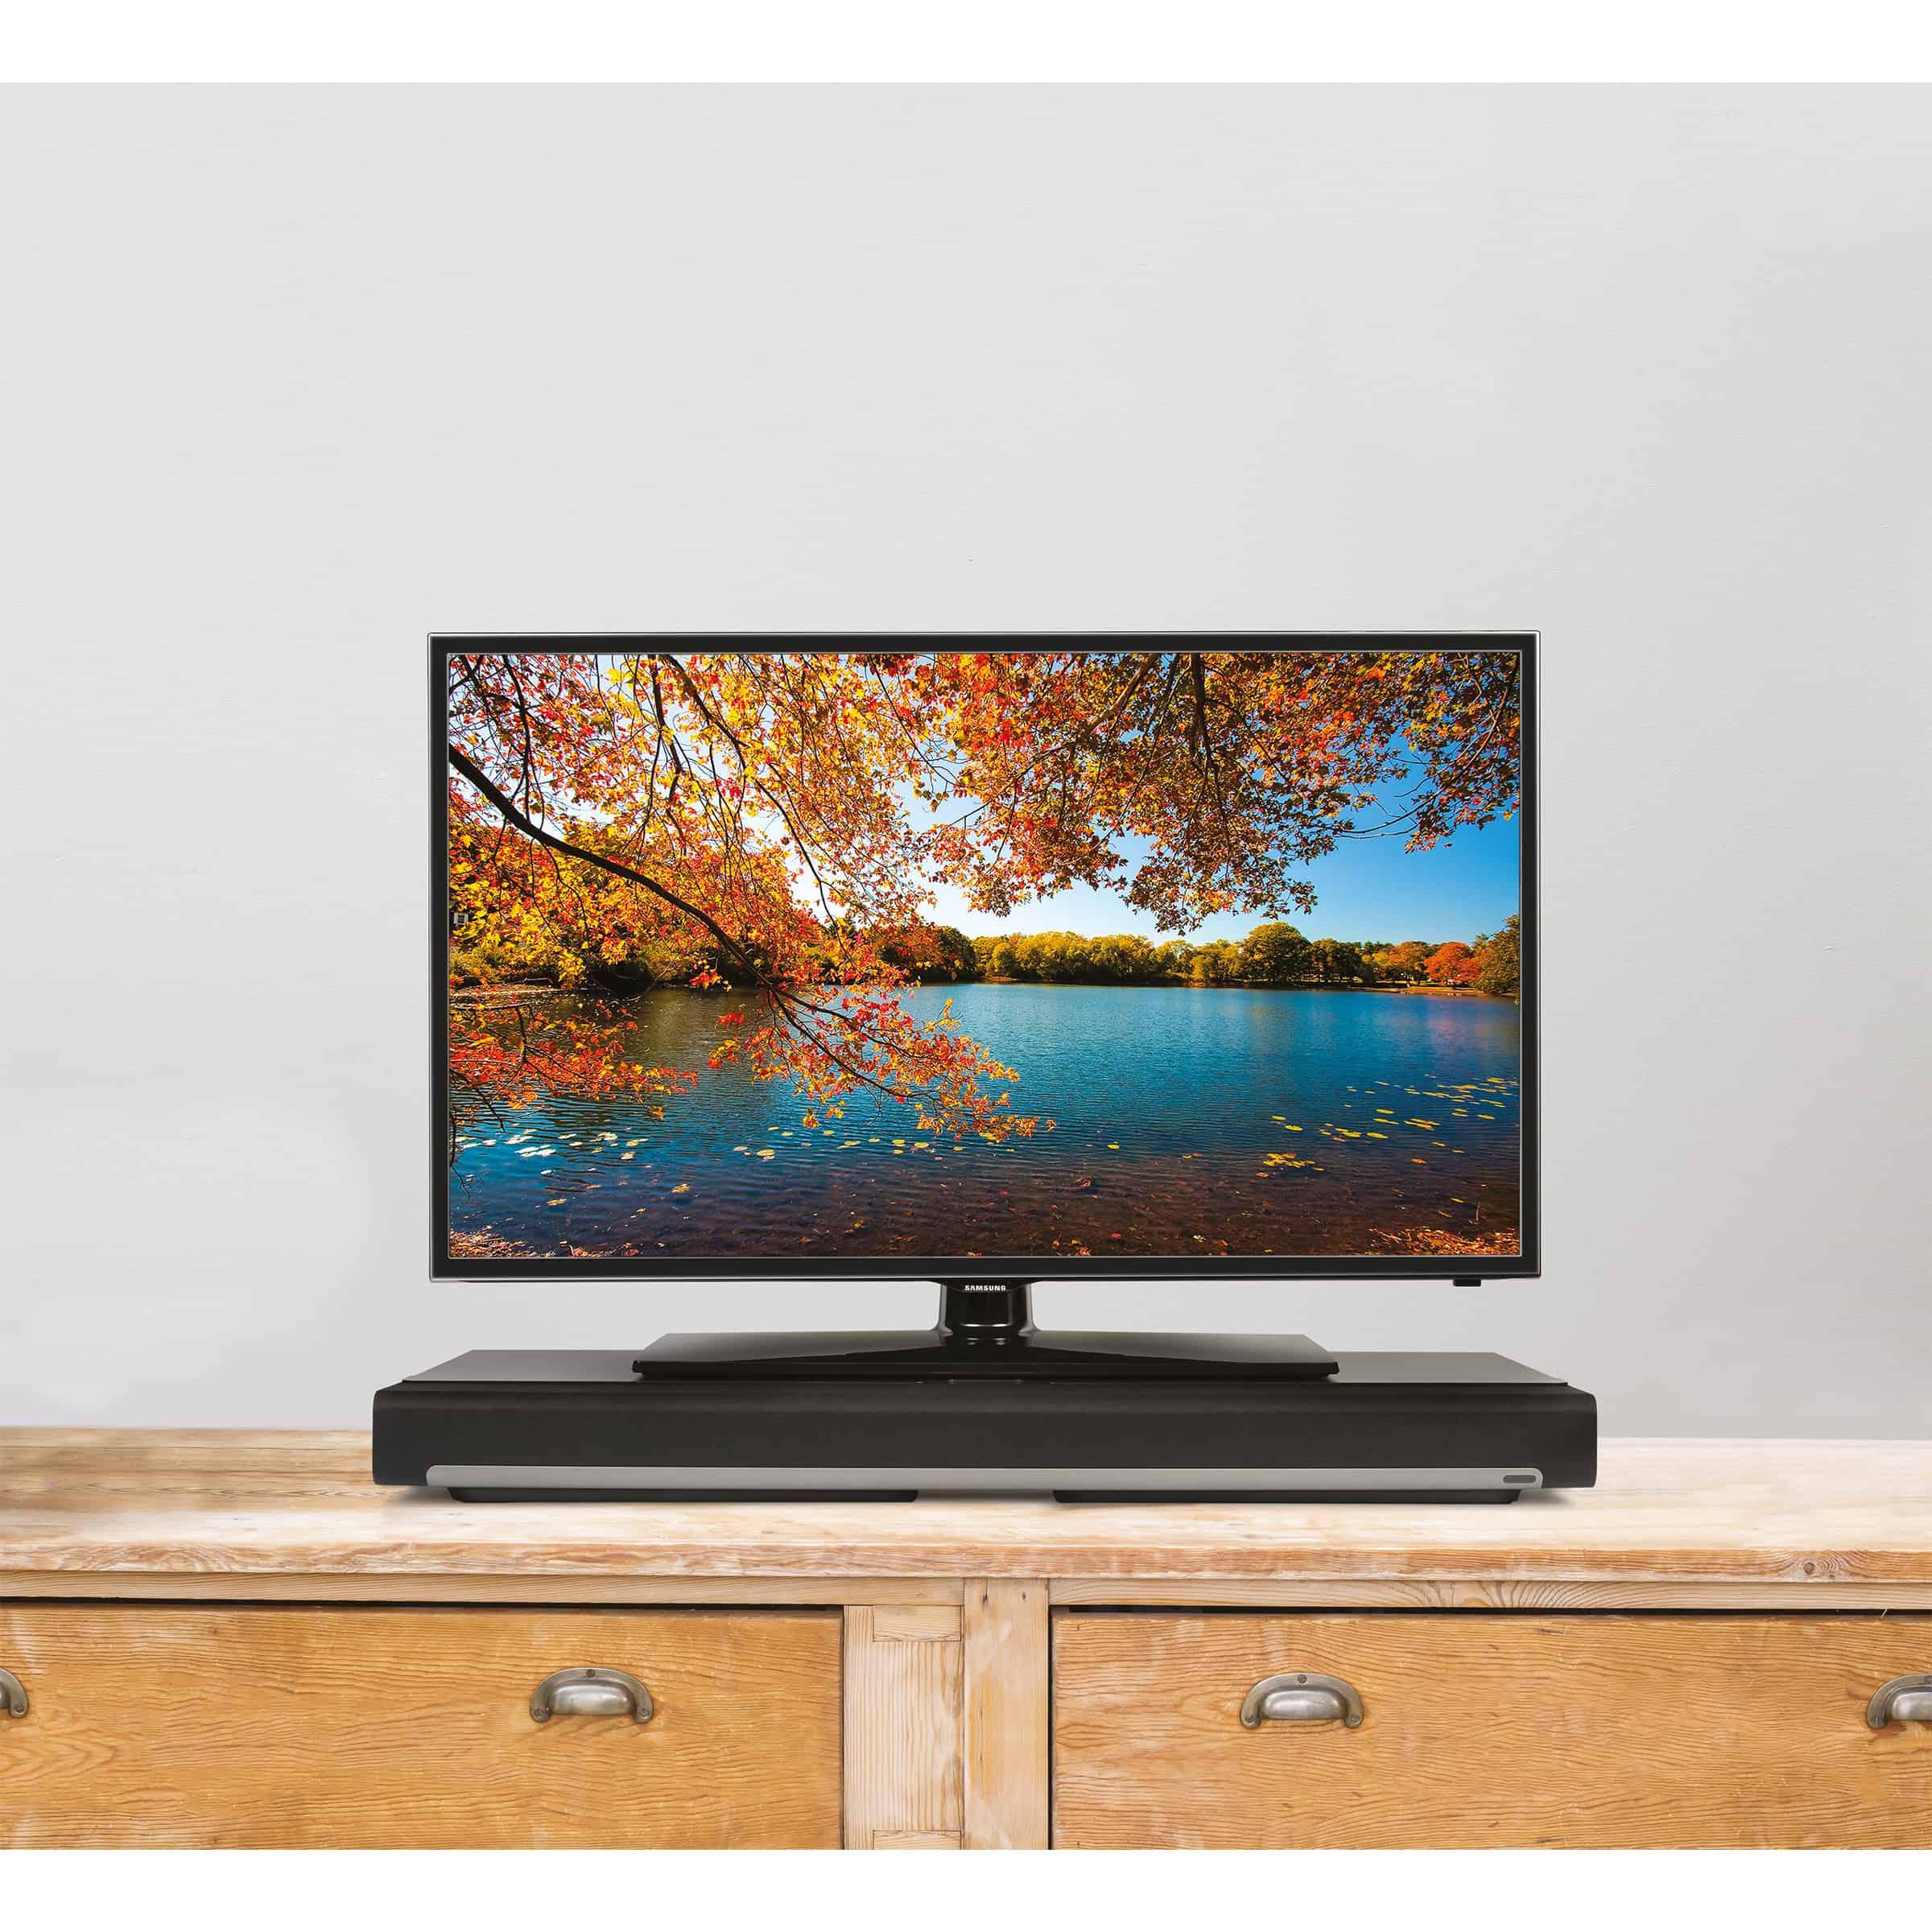 Sonos Playbar Stand Integreer De Playbar Met De Tv